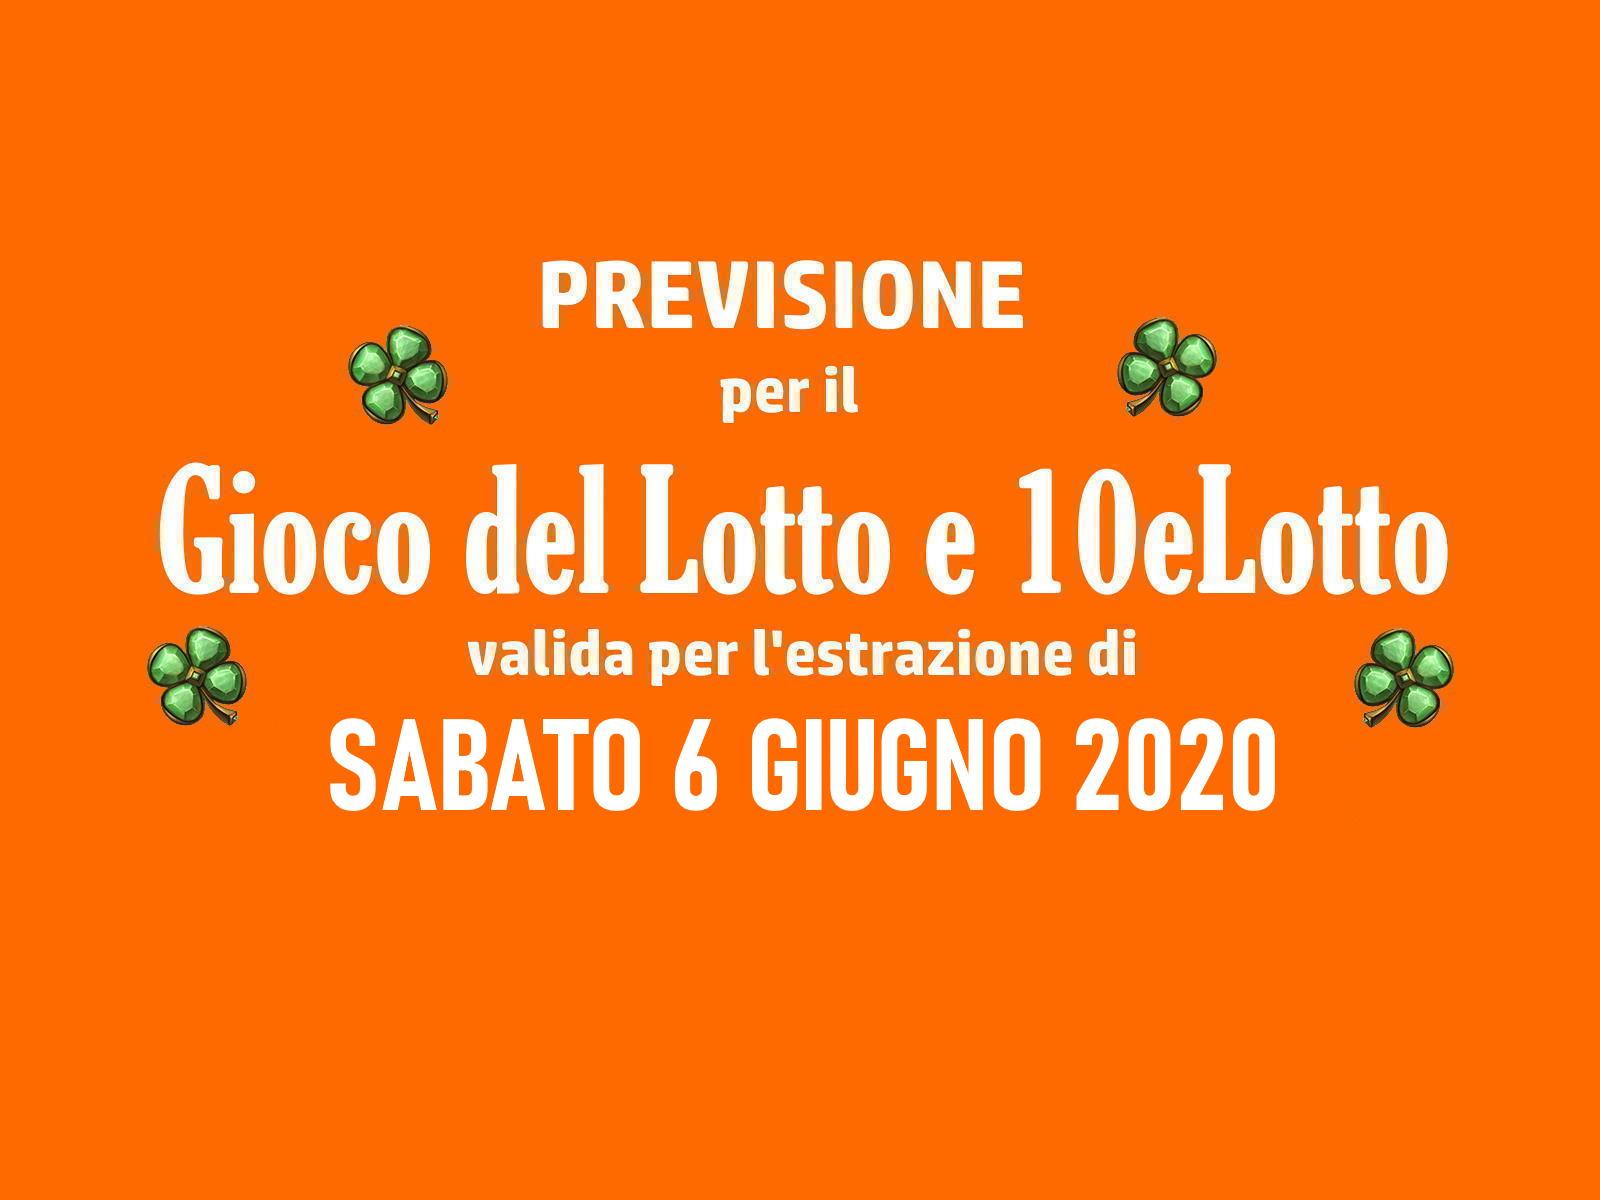 Previsione Lotto 6 Giugno 2020